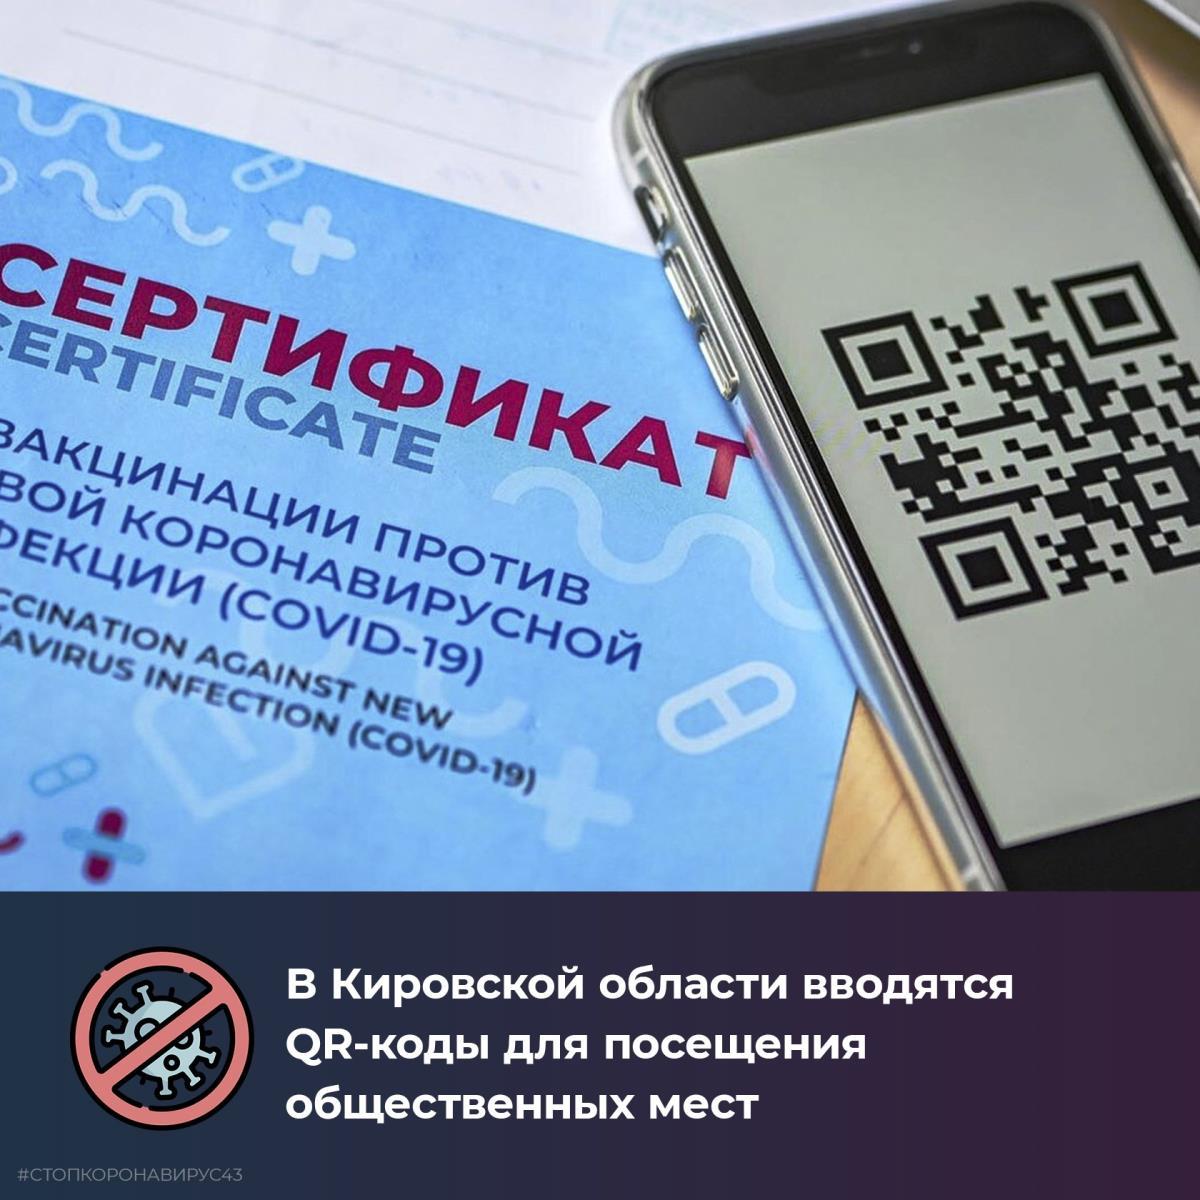 В Кировской области вводятся QR-коды